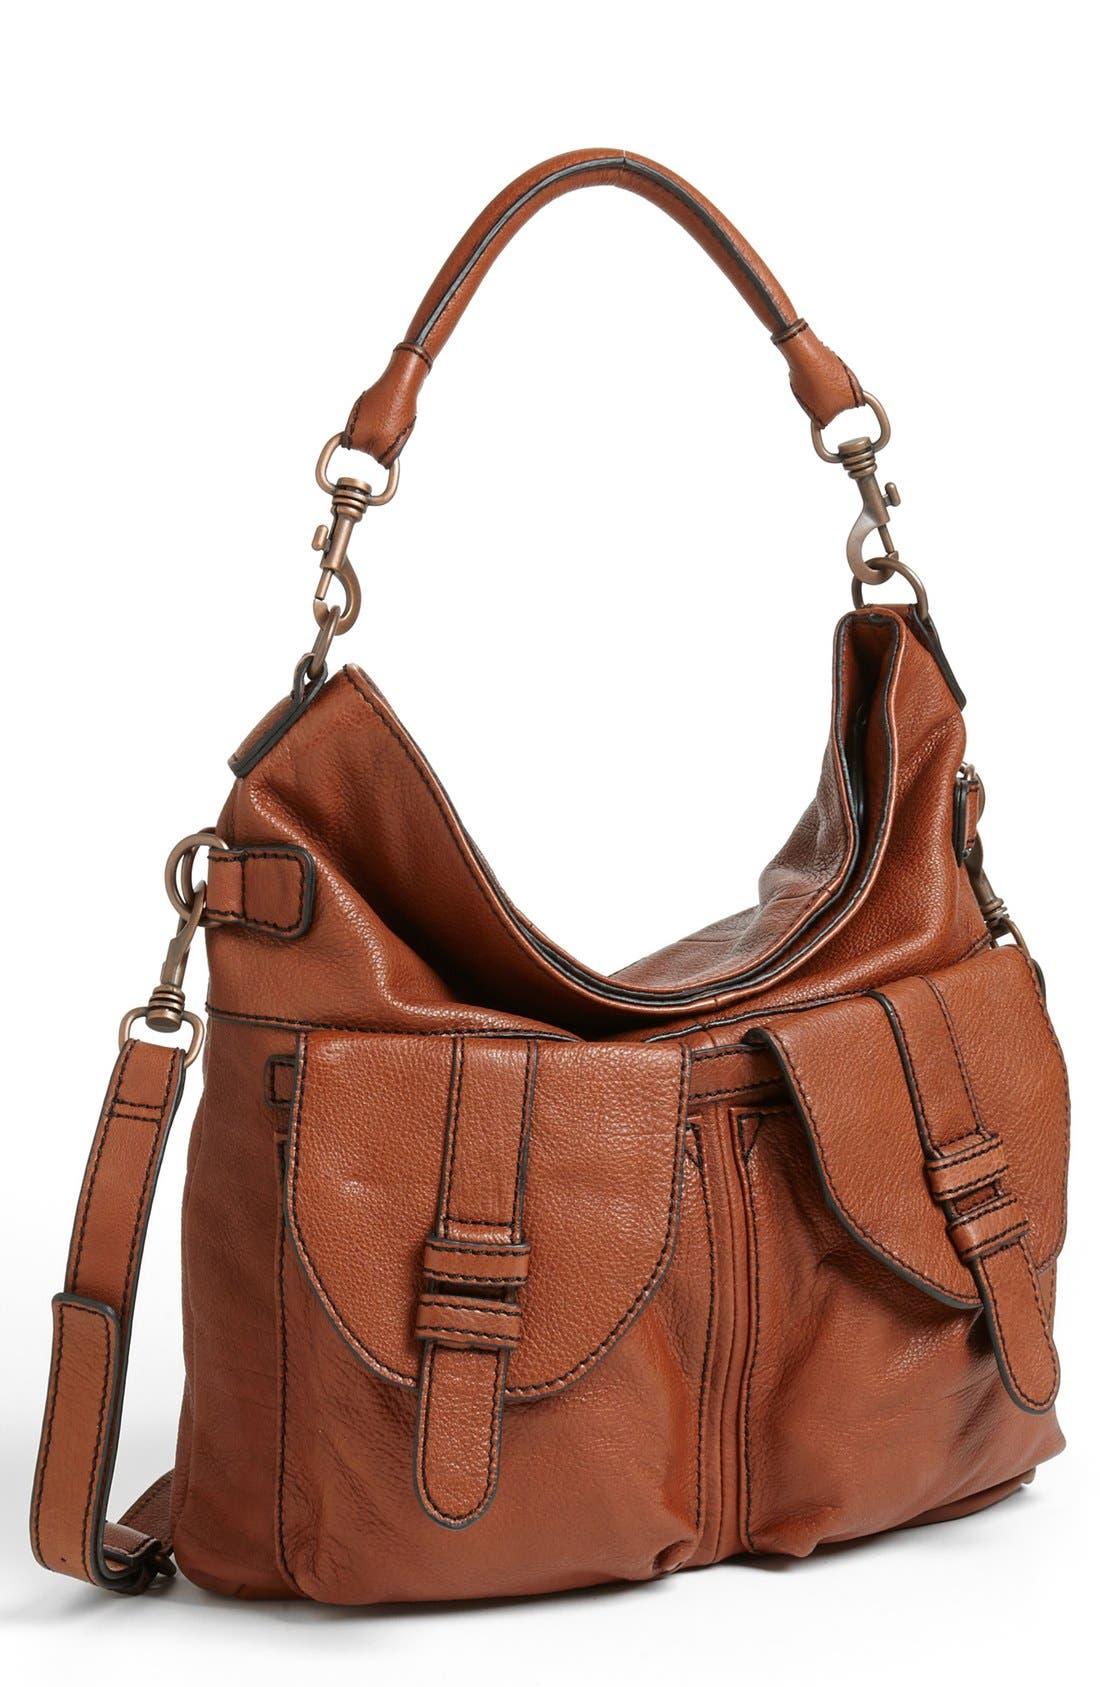 Alternate Image 1 Selected - Liebeskind 'Margo Botalato' Shoulder Bag